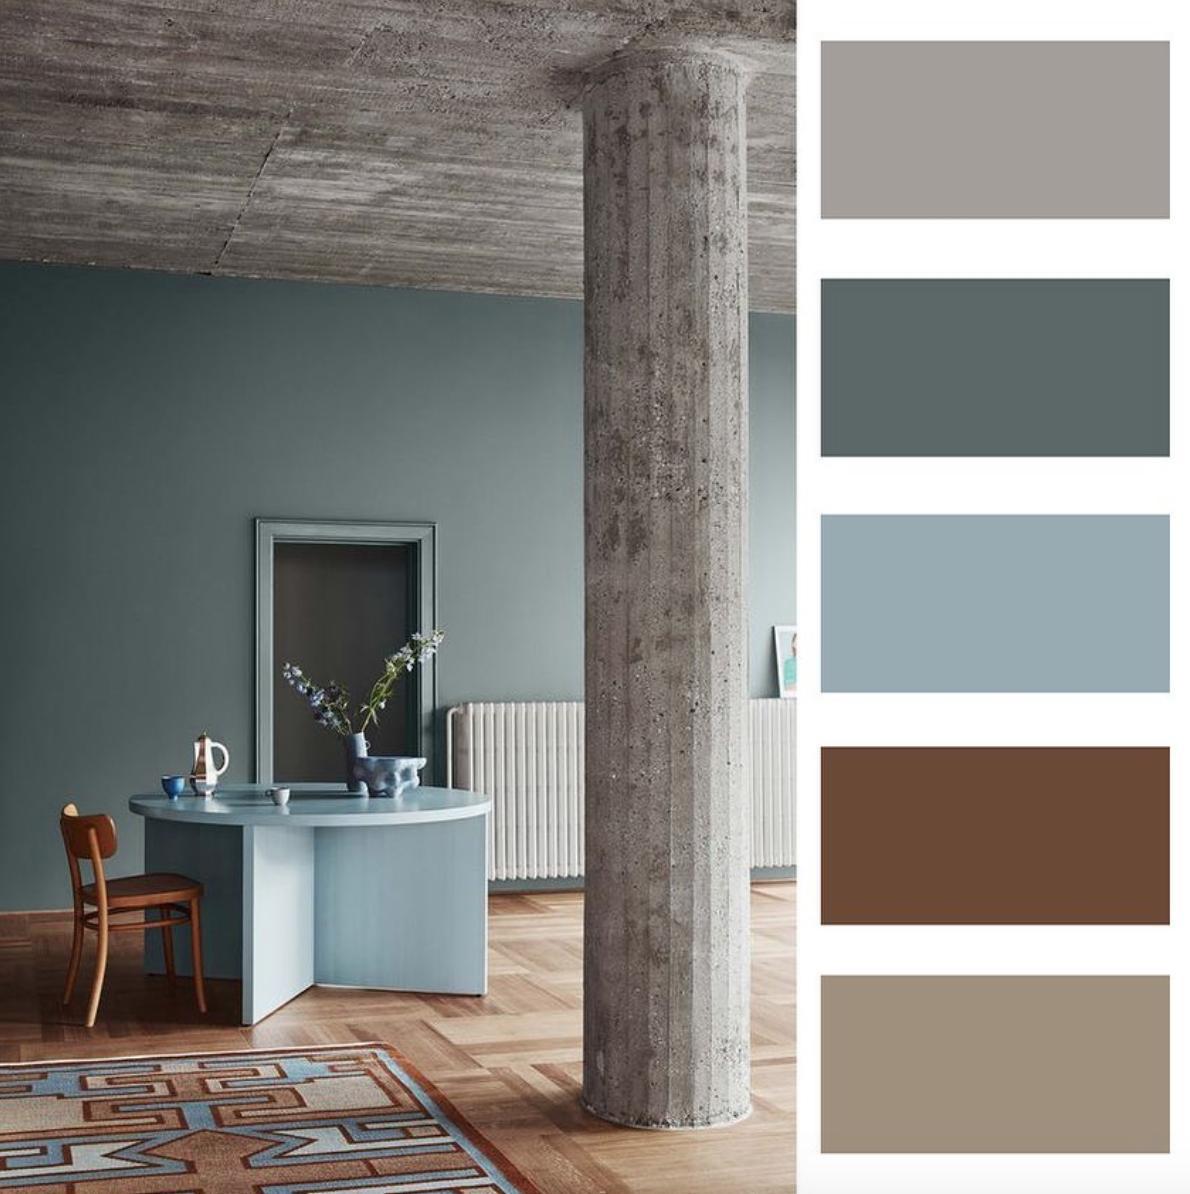 Farebné kombinácie - inšpirácie do interiéru - Obrázok č. 62